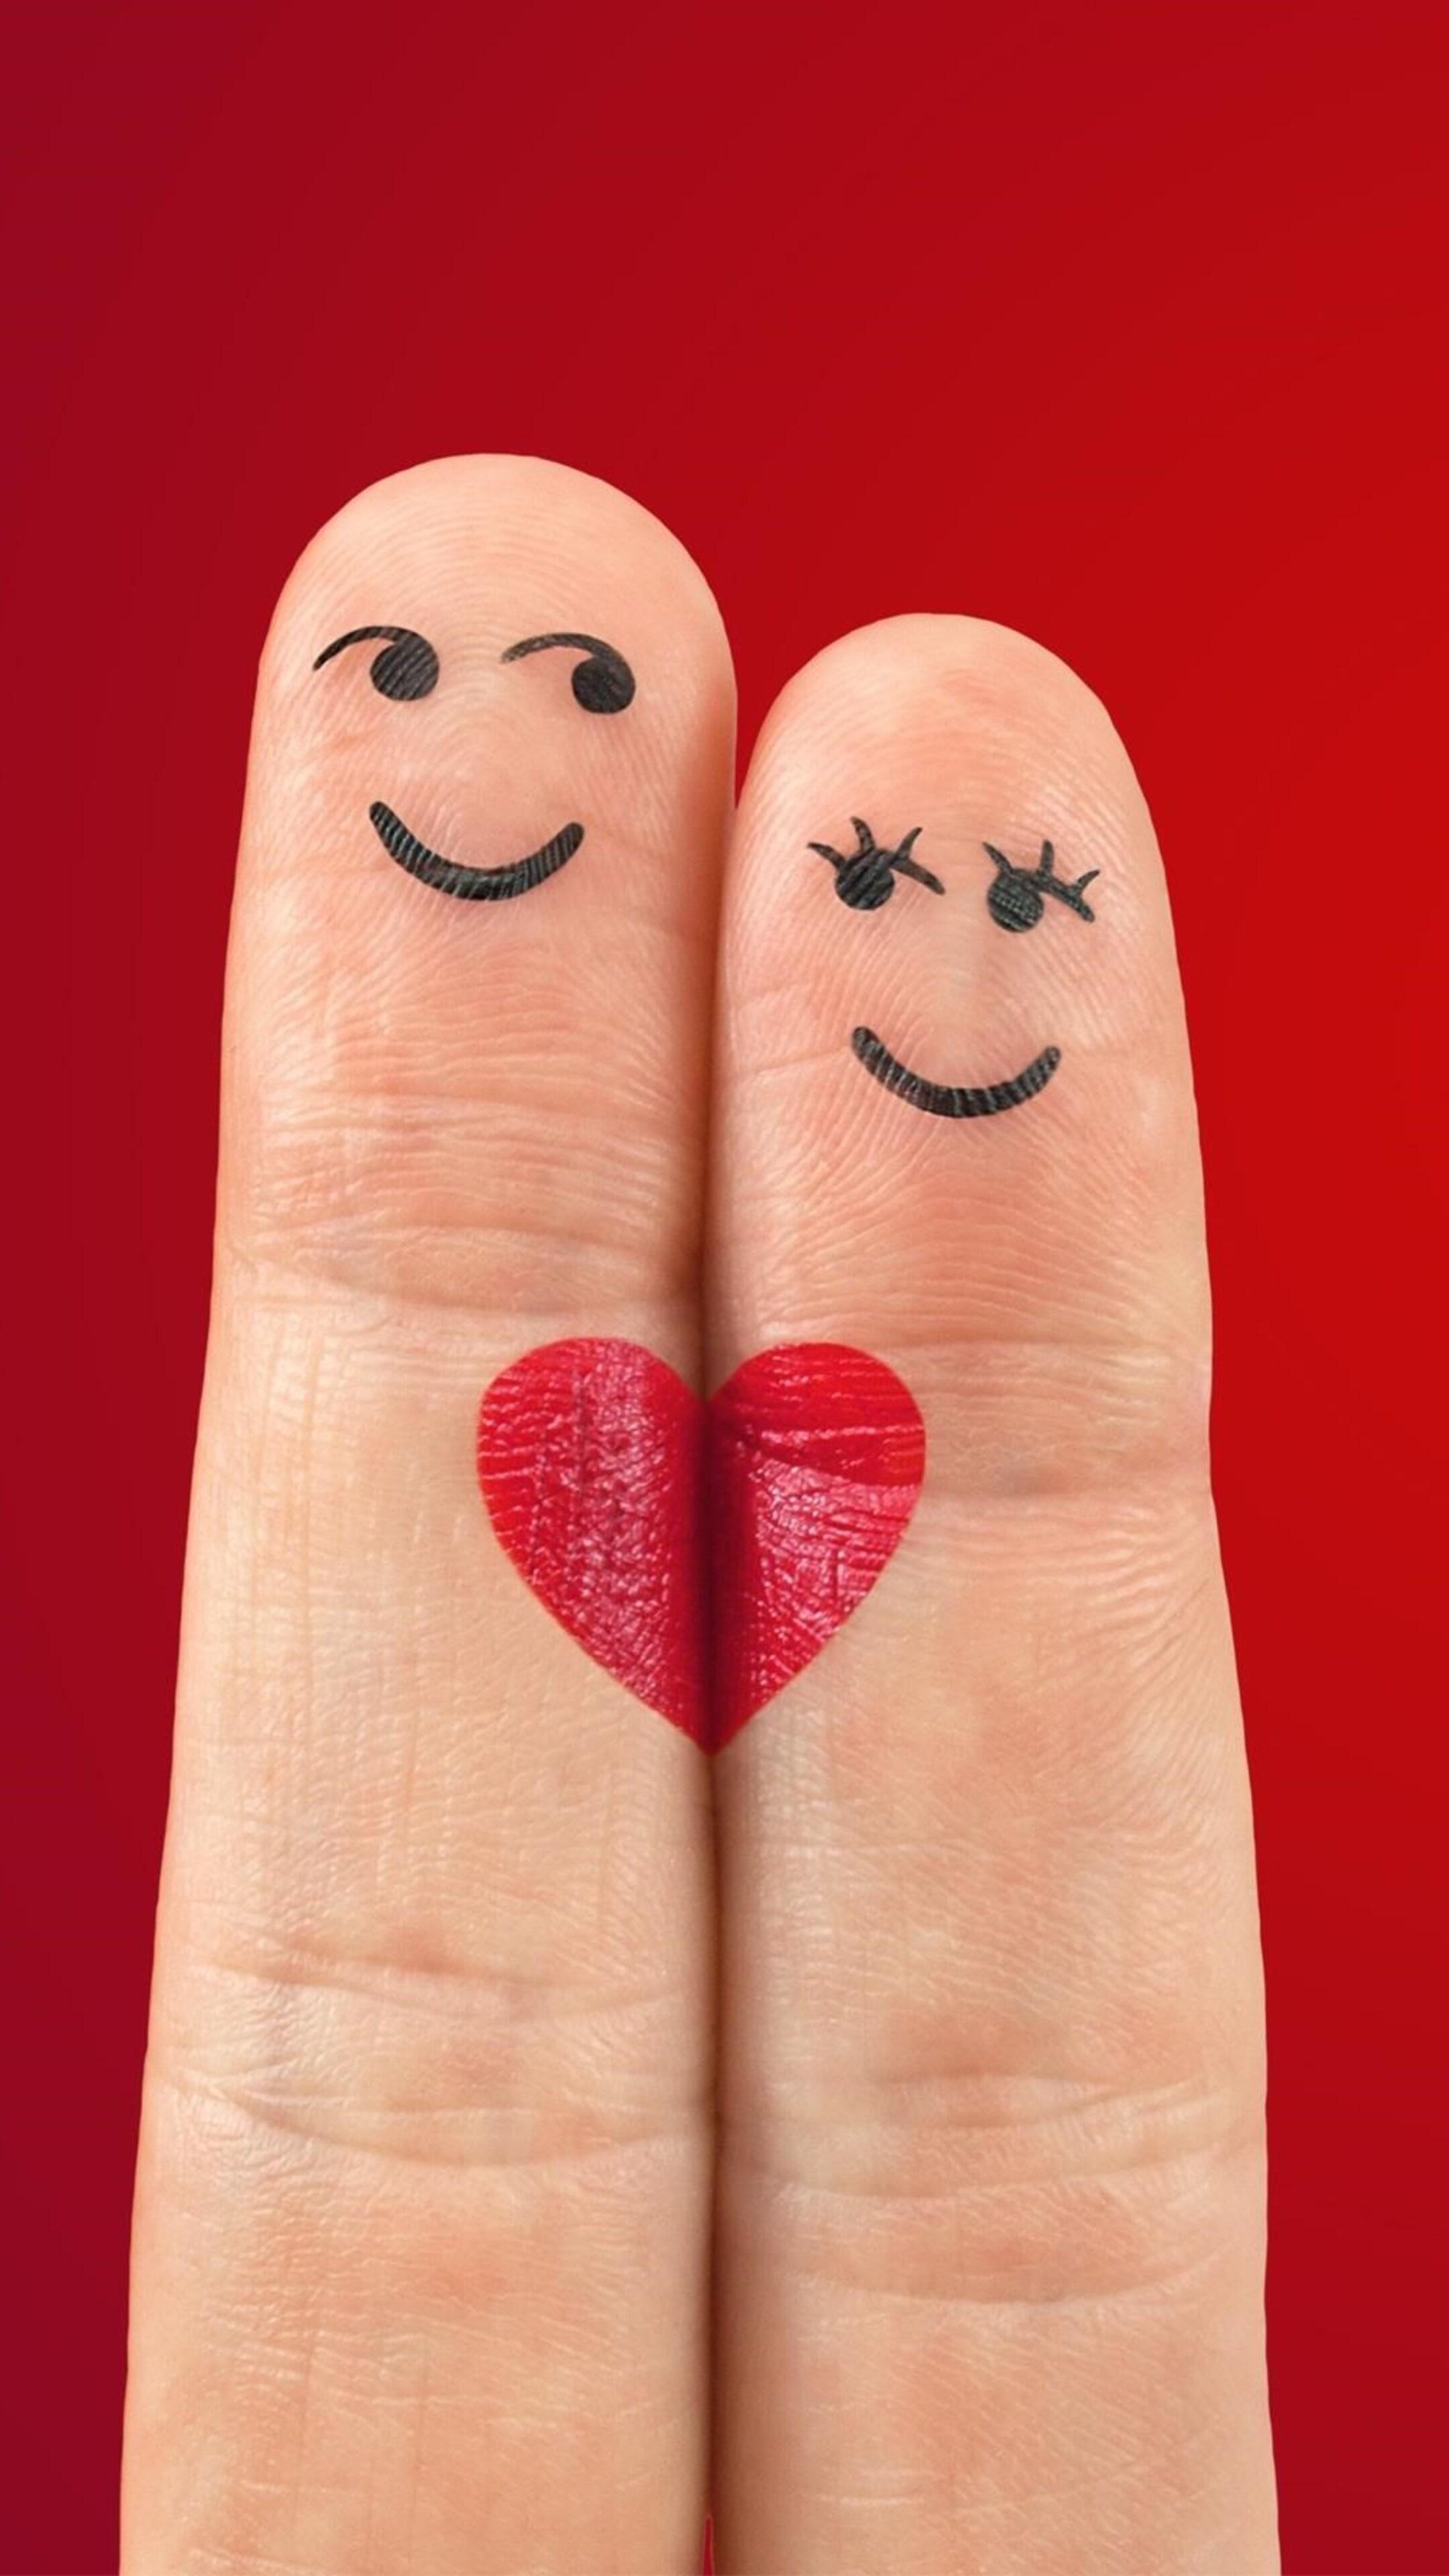 heart-fingers.jpg